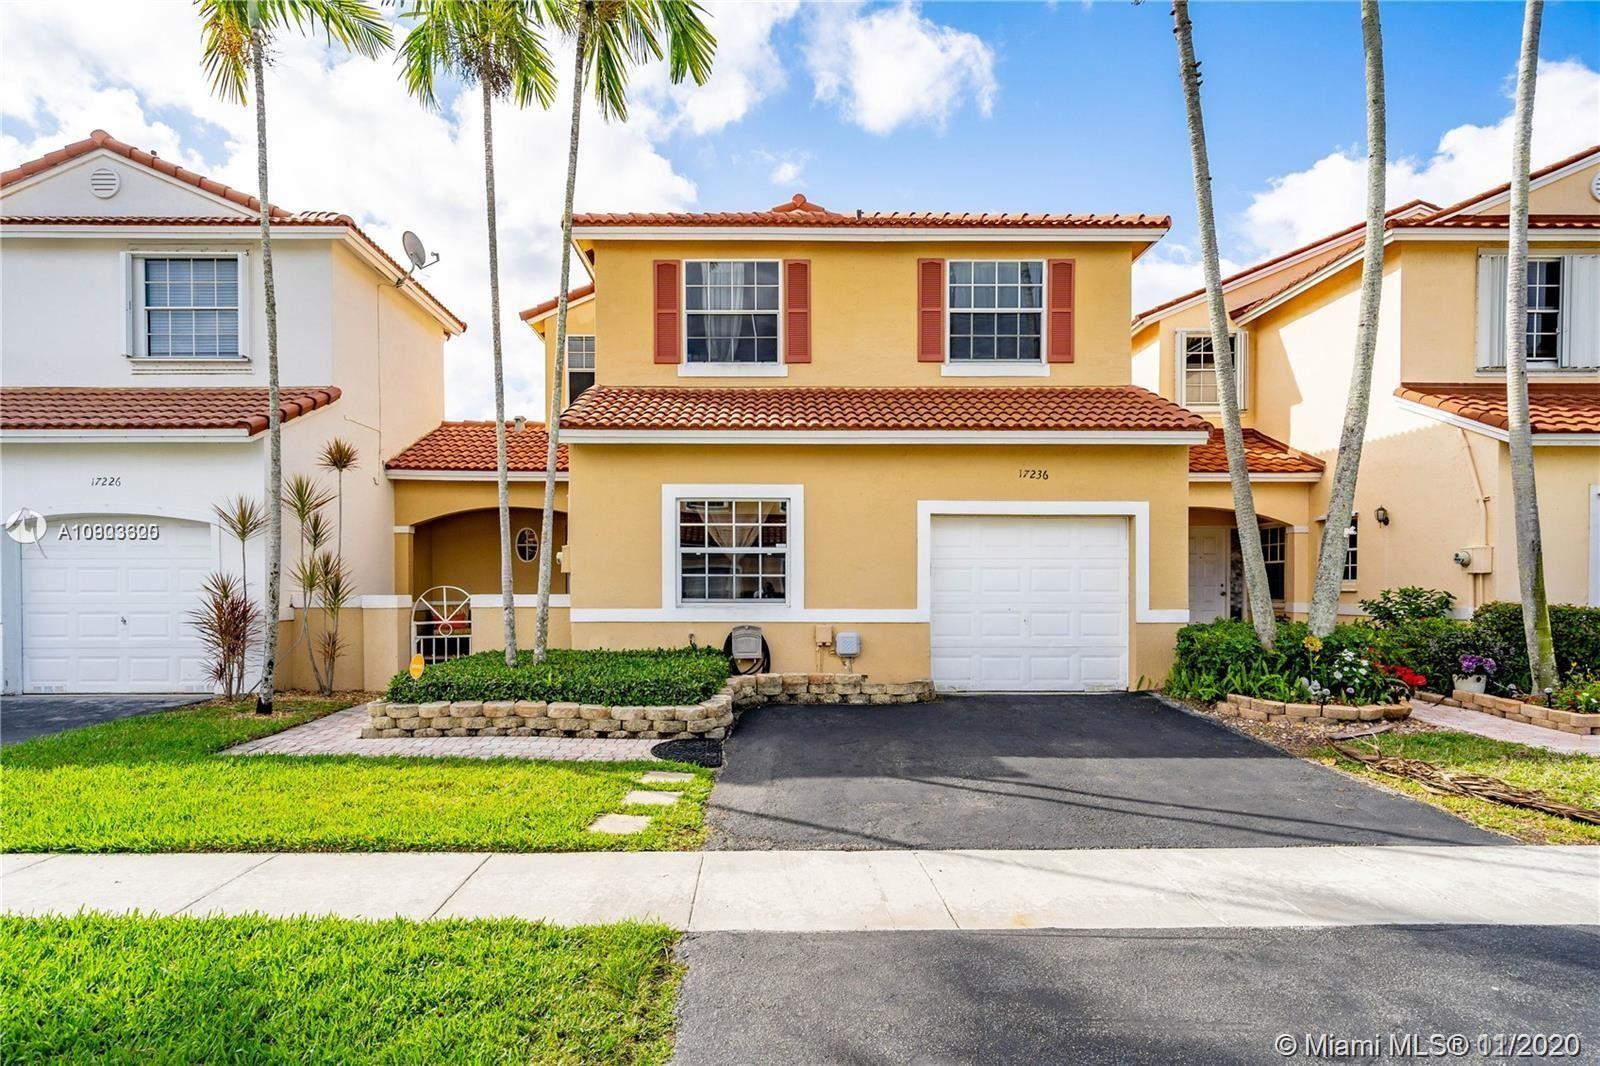 17236 NW 8th St, Pembroke Pines, FL 33029 - #: A10903320